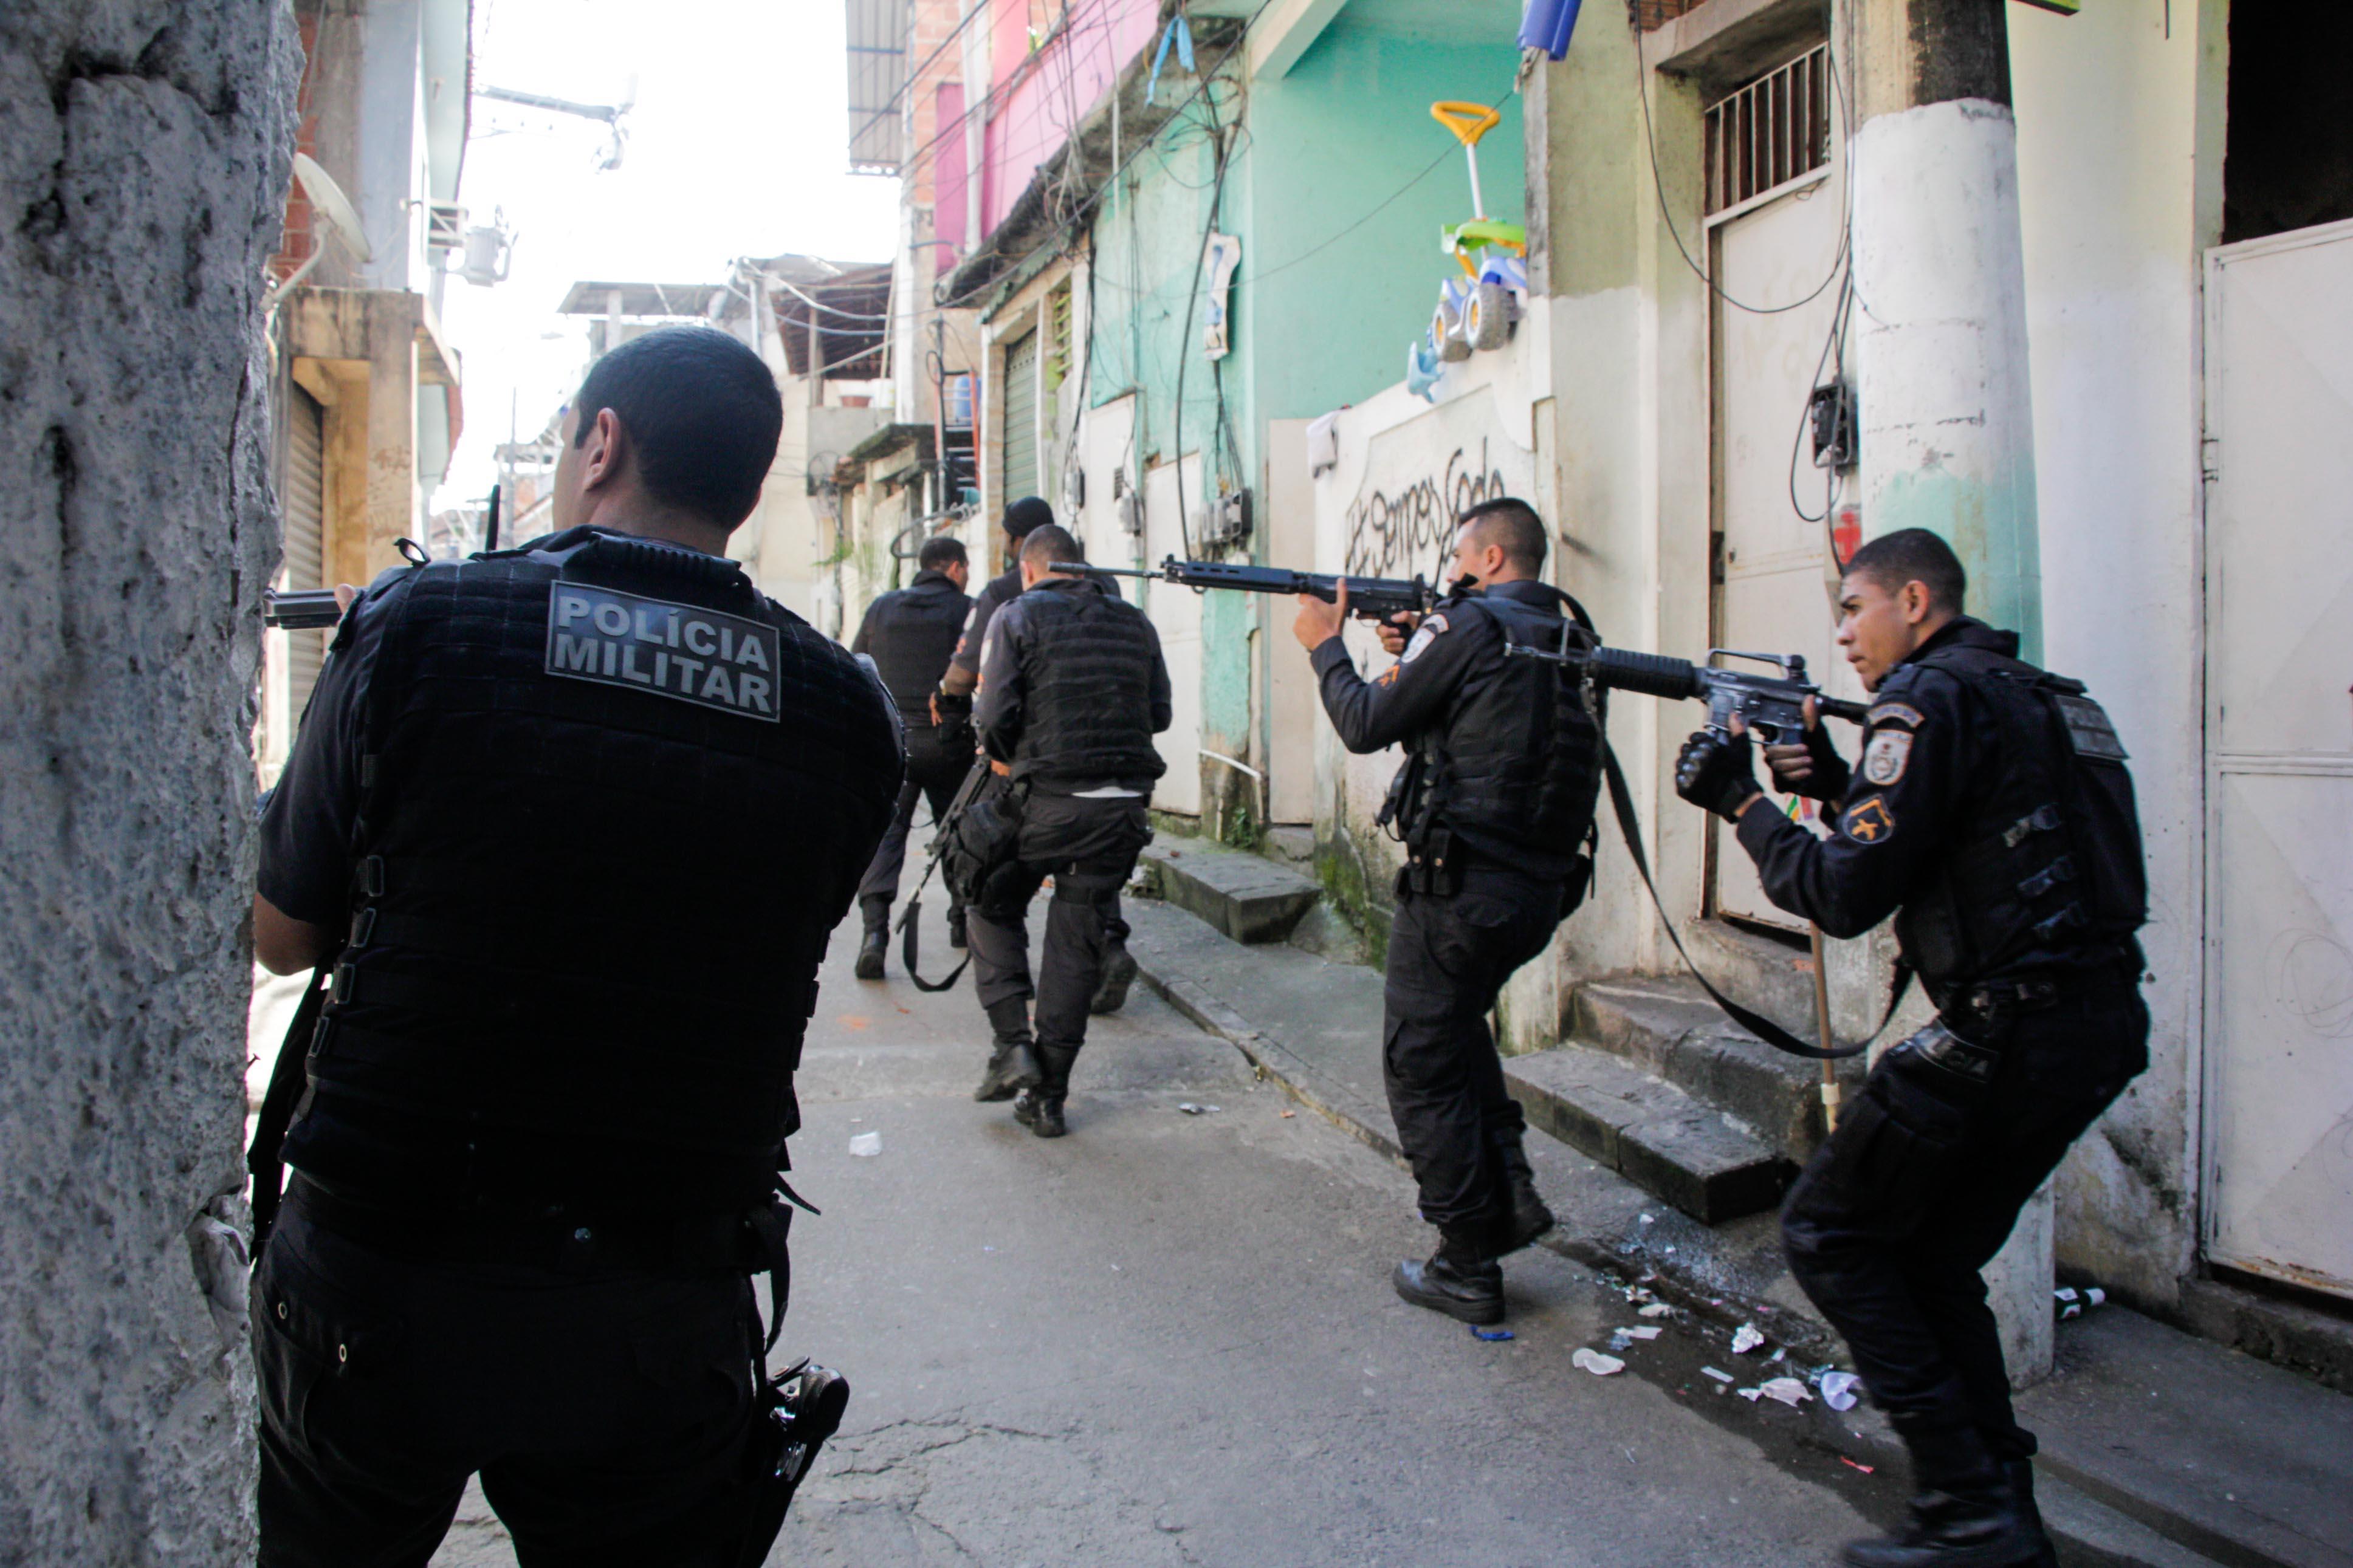 Operações e tiroteios deixam 4 mil alunos sem aulas em comunidades do Rio